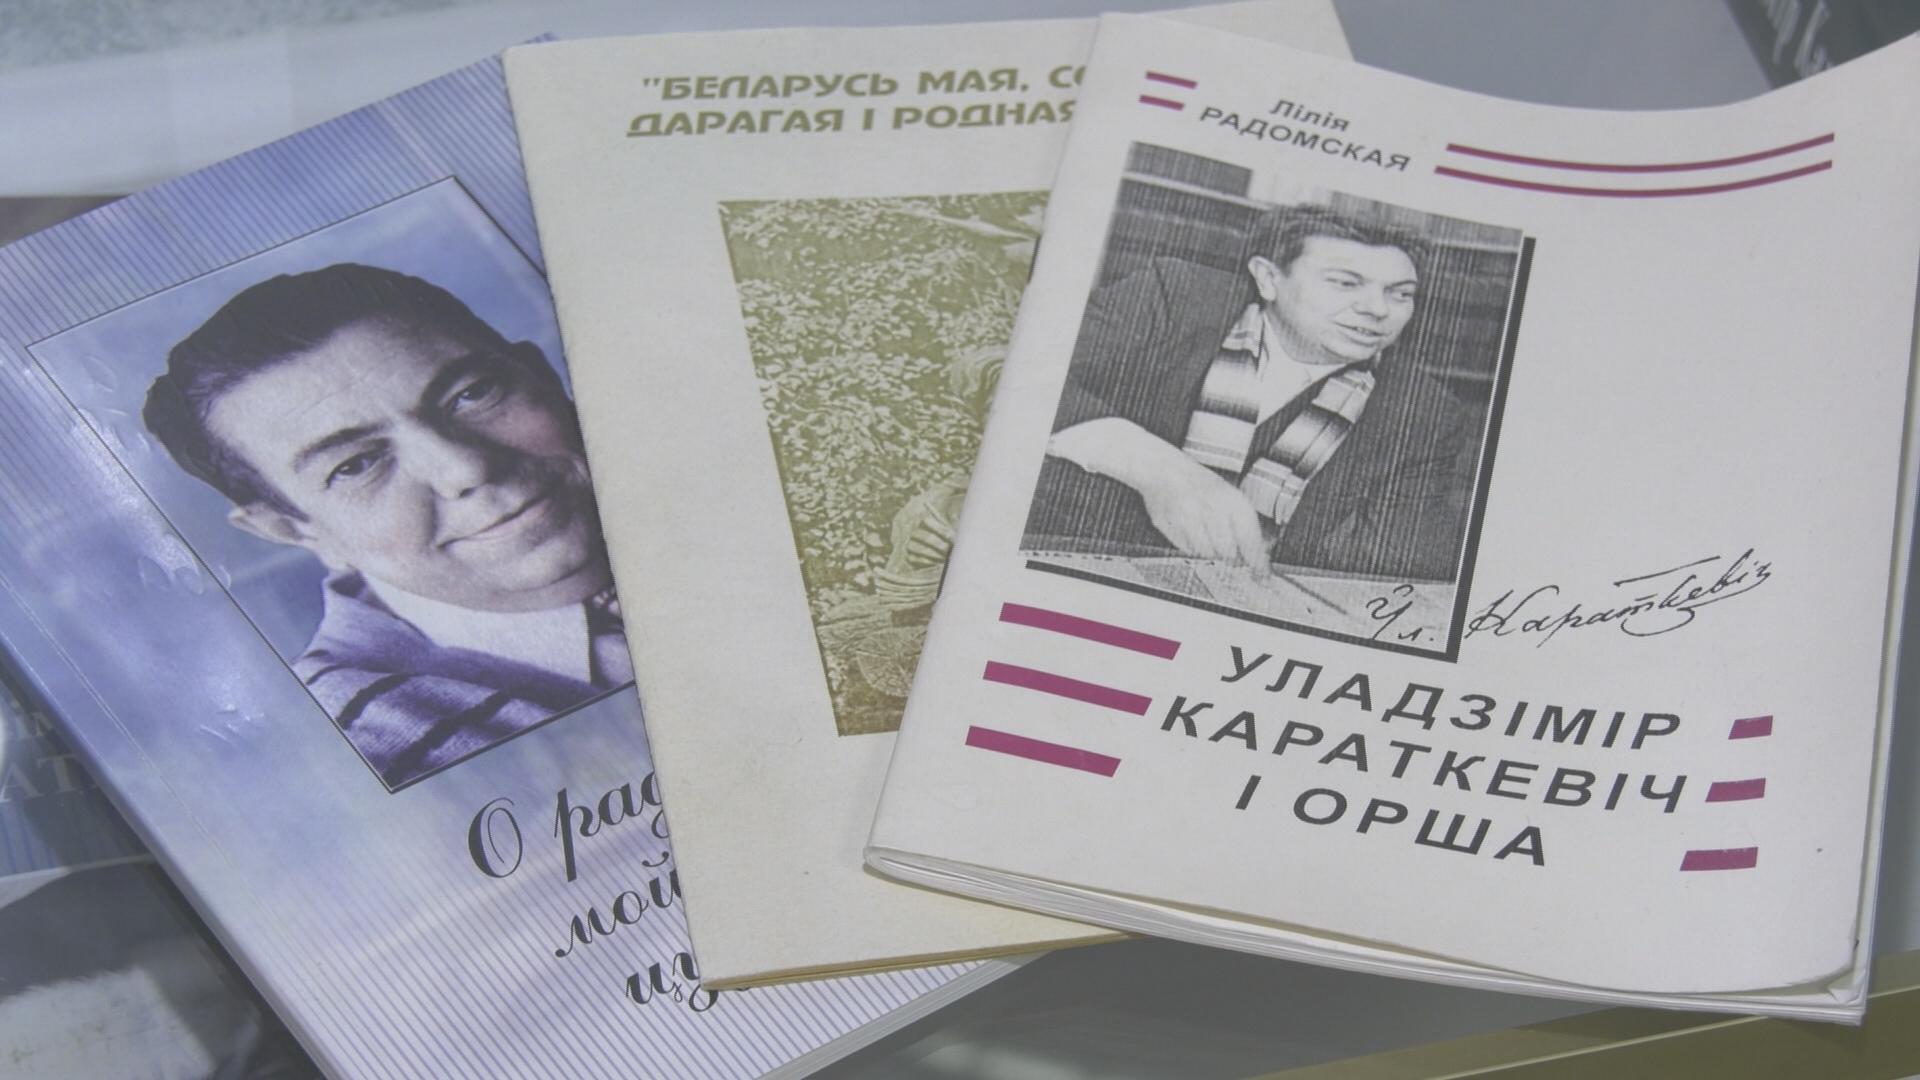 korotkevich - В Витебске отметили 90-летие Владимира Короткевича (видео)